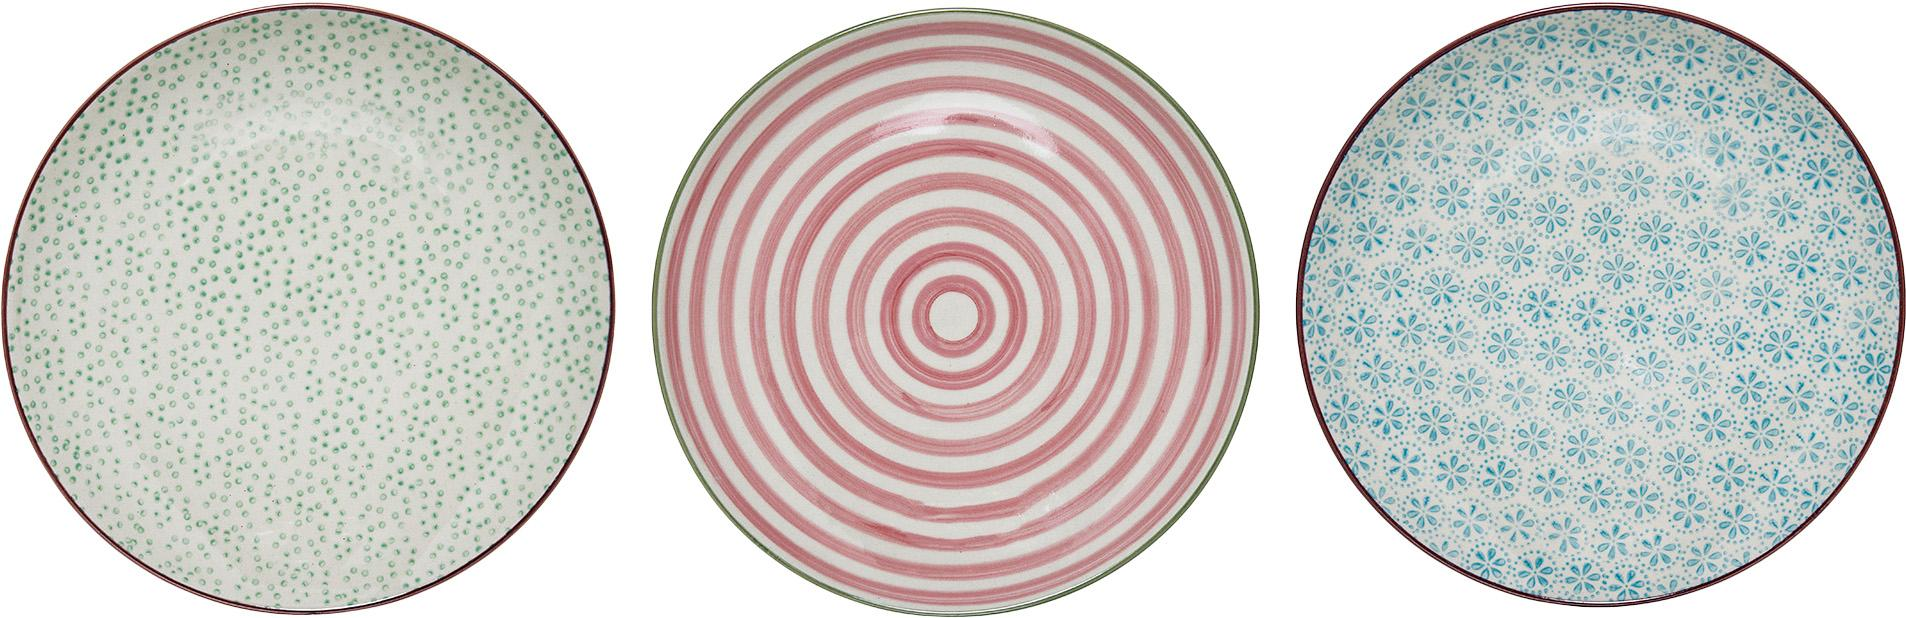 Set 3 piattini da dessert dipinti a mano Patrizia, Terracotta, Bianco, verde, rosso, blu, Ø 20 cm